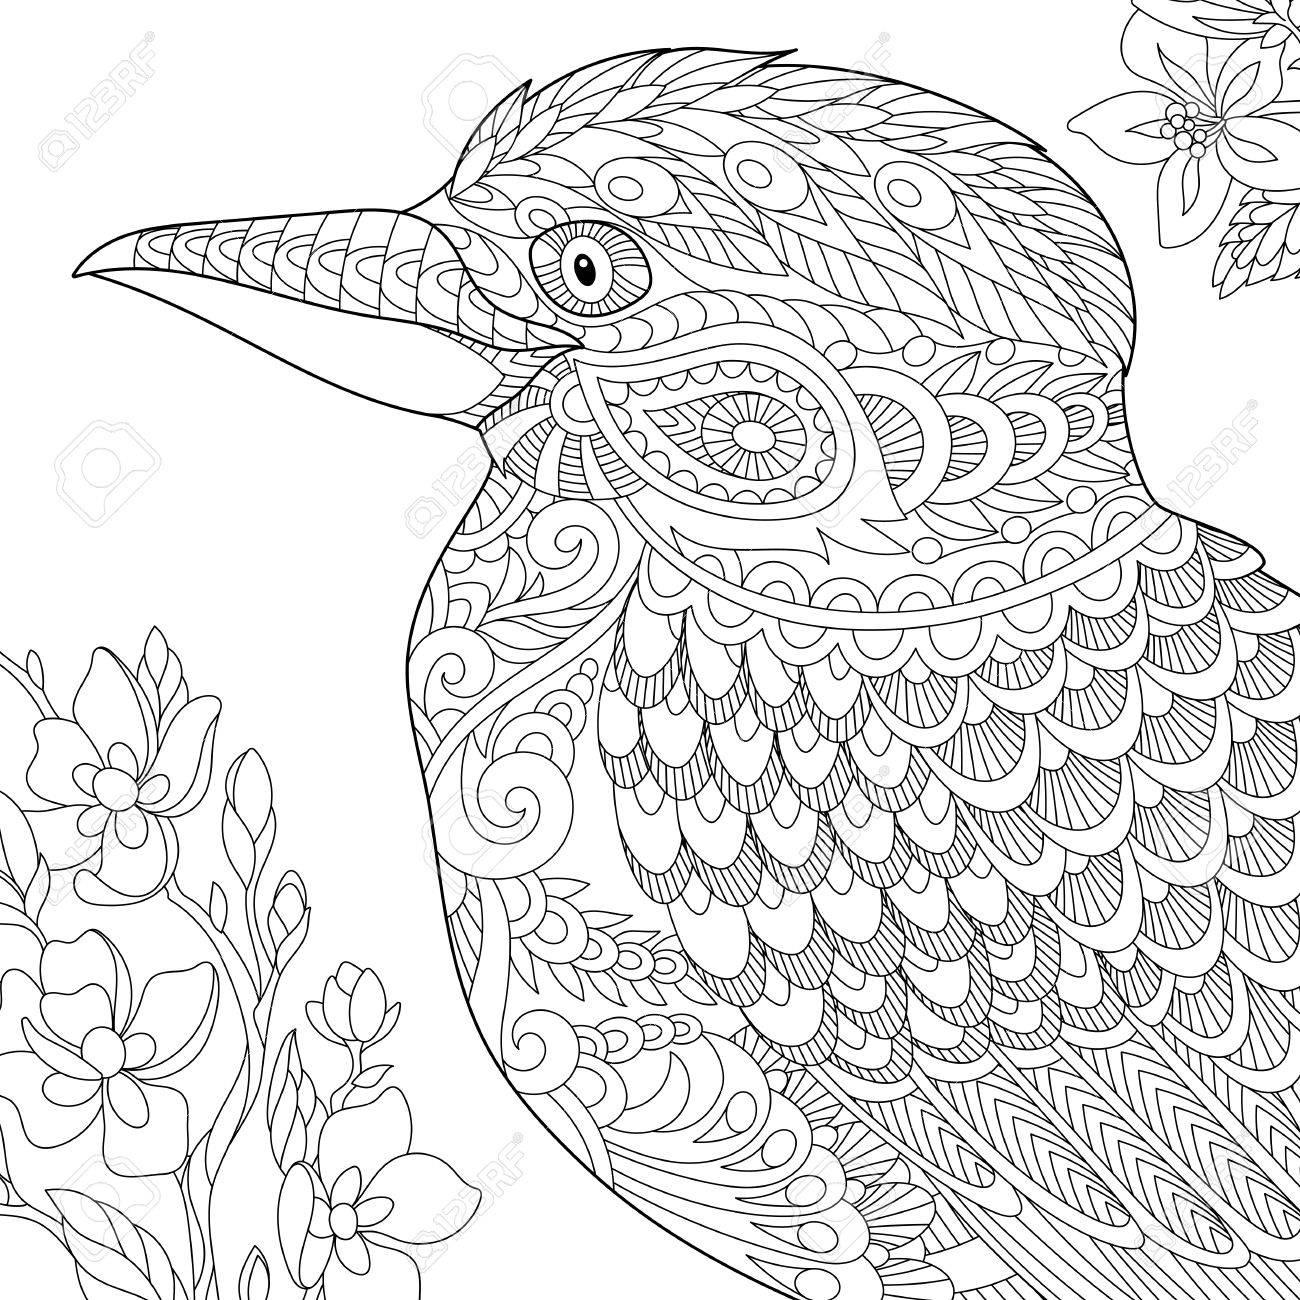 Malvorlage Von Australischen Kookaburra Vogel. Freehand Skizze ...